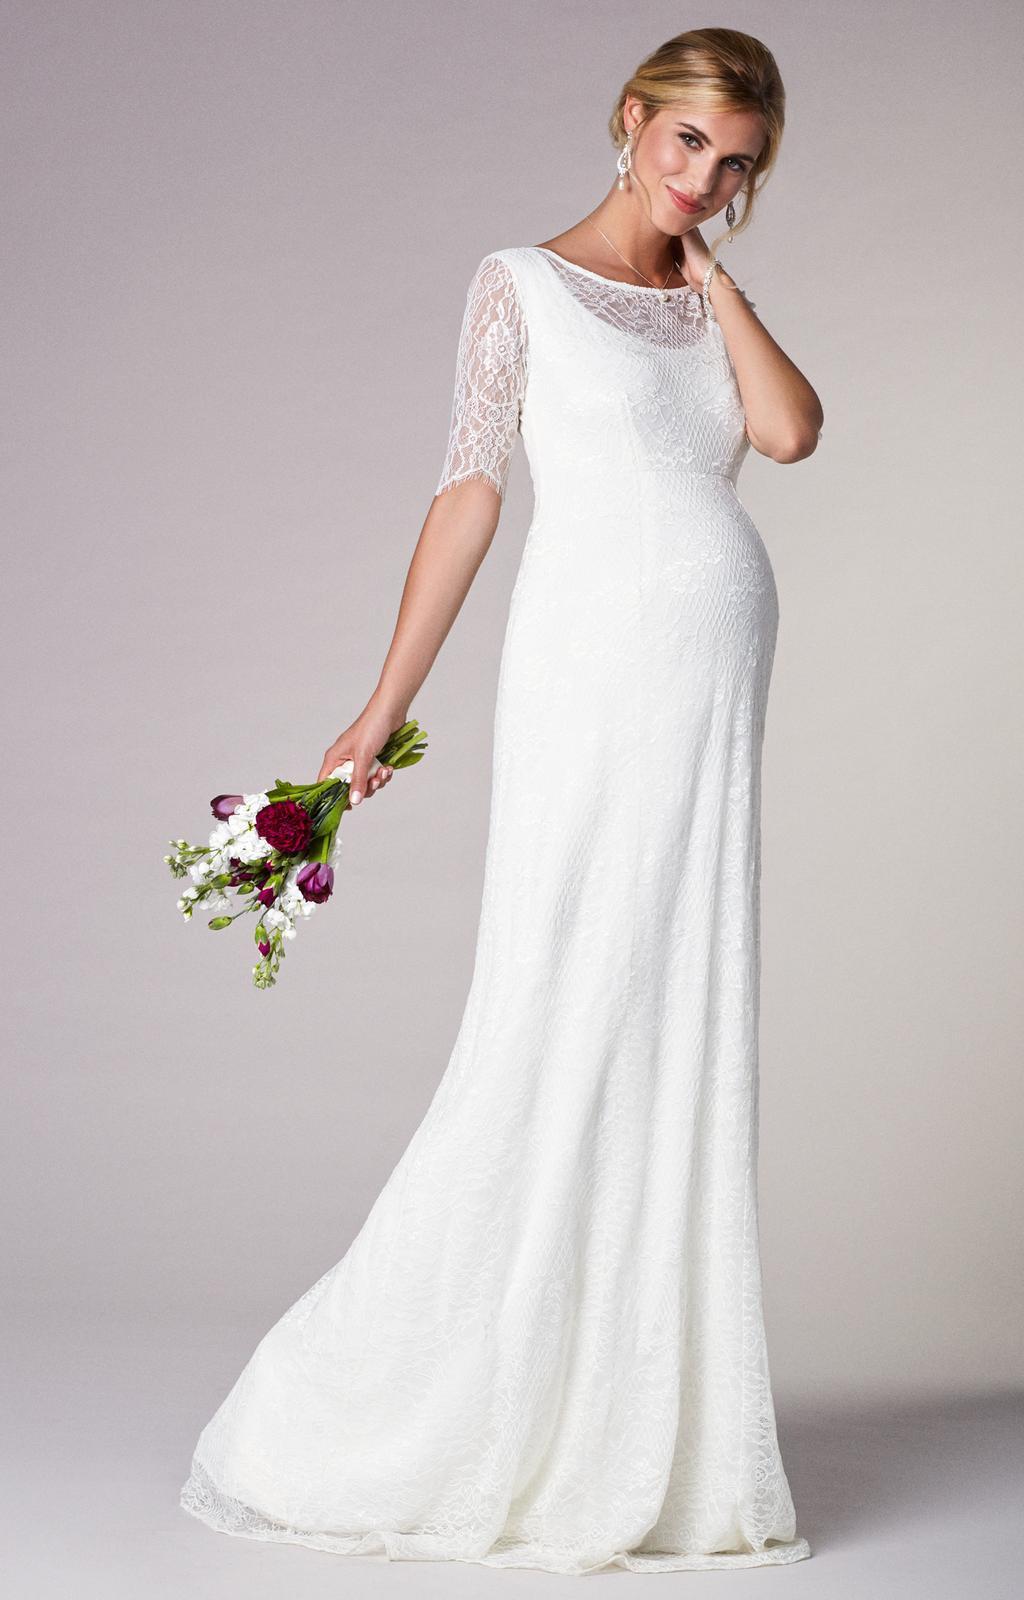 Těhotenské svatební šaty - Obrázek č. 5